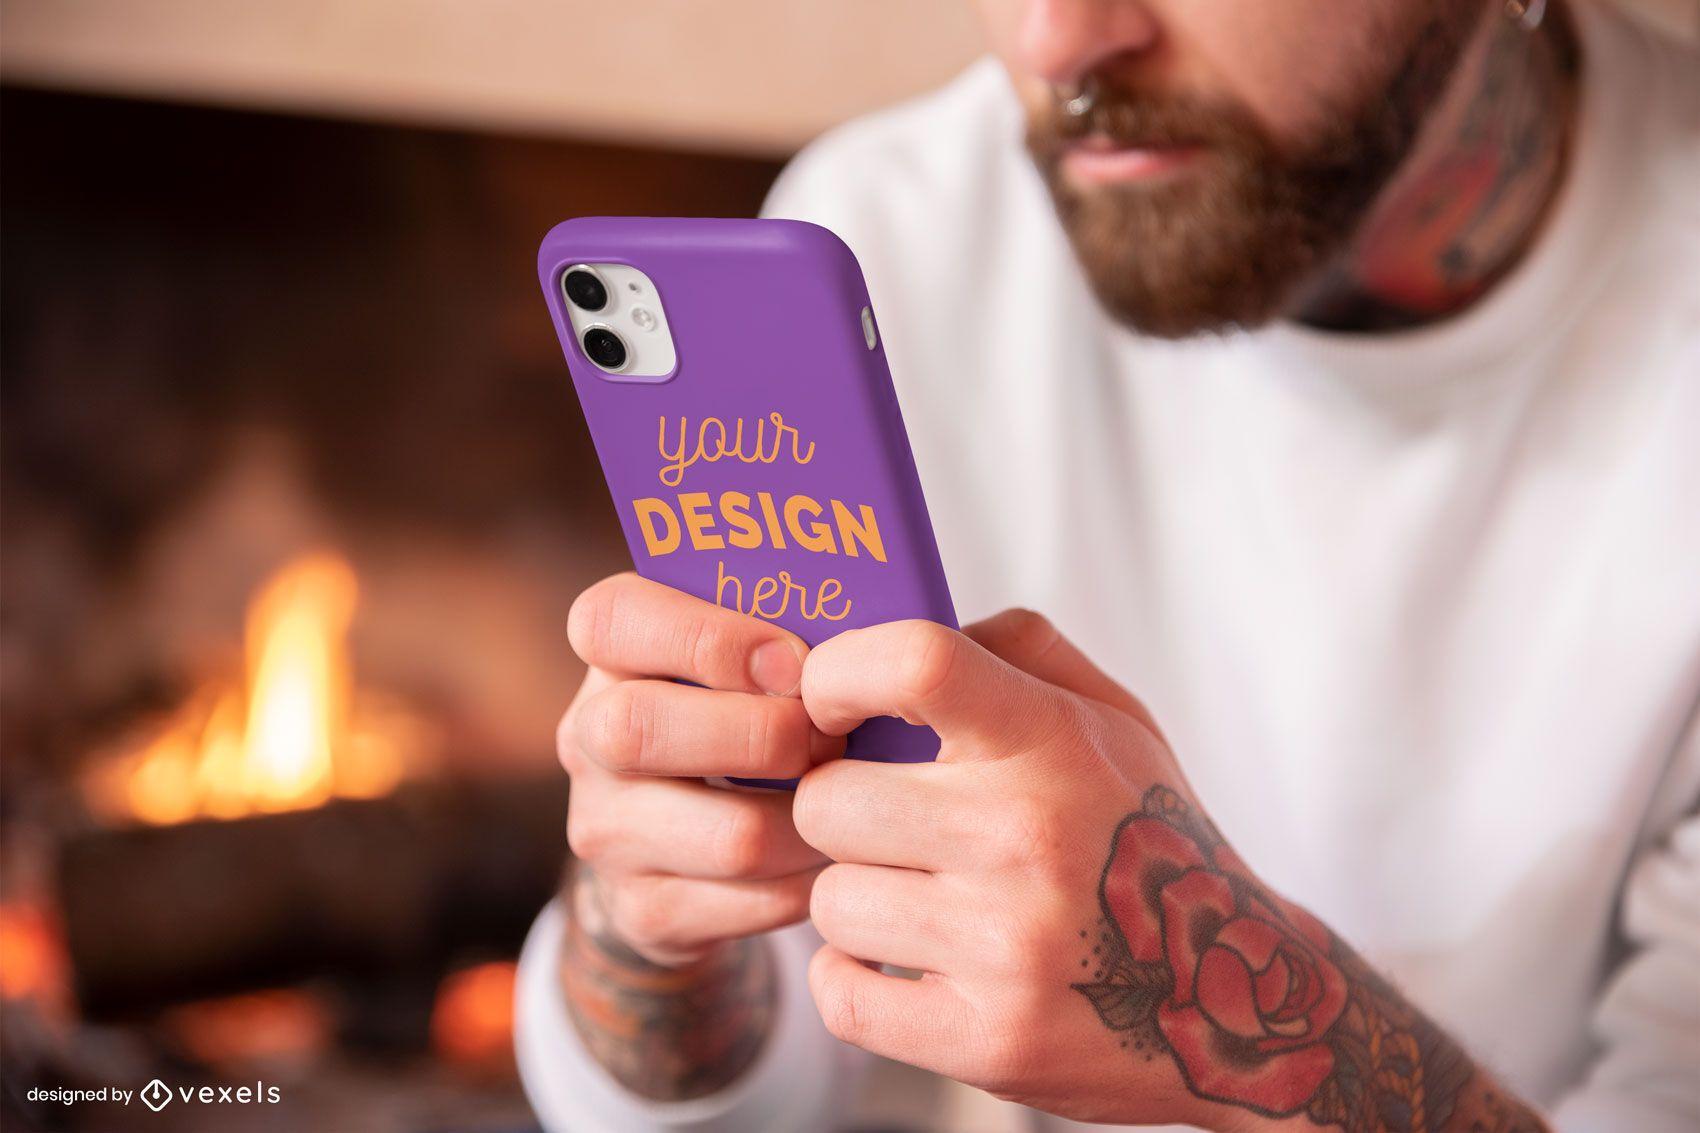 Man holding phone case mockup